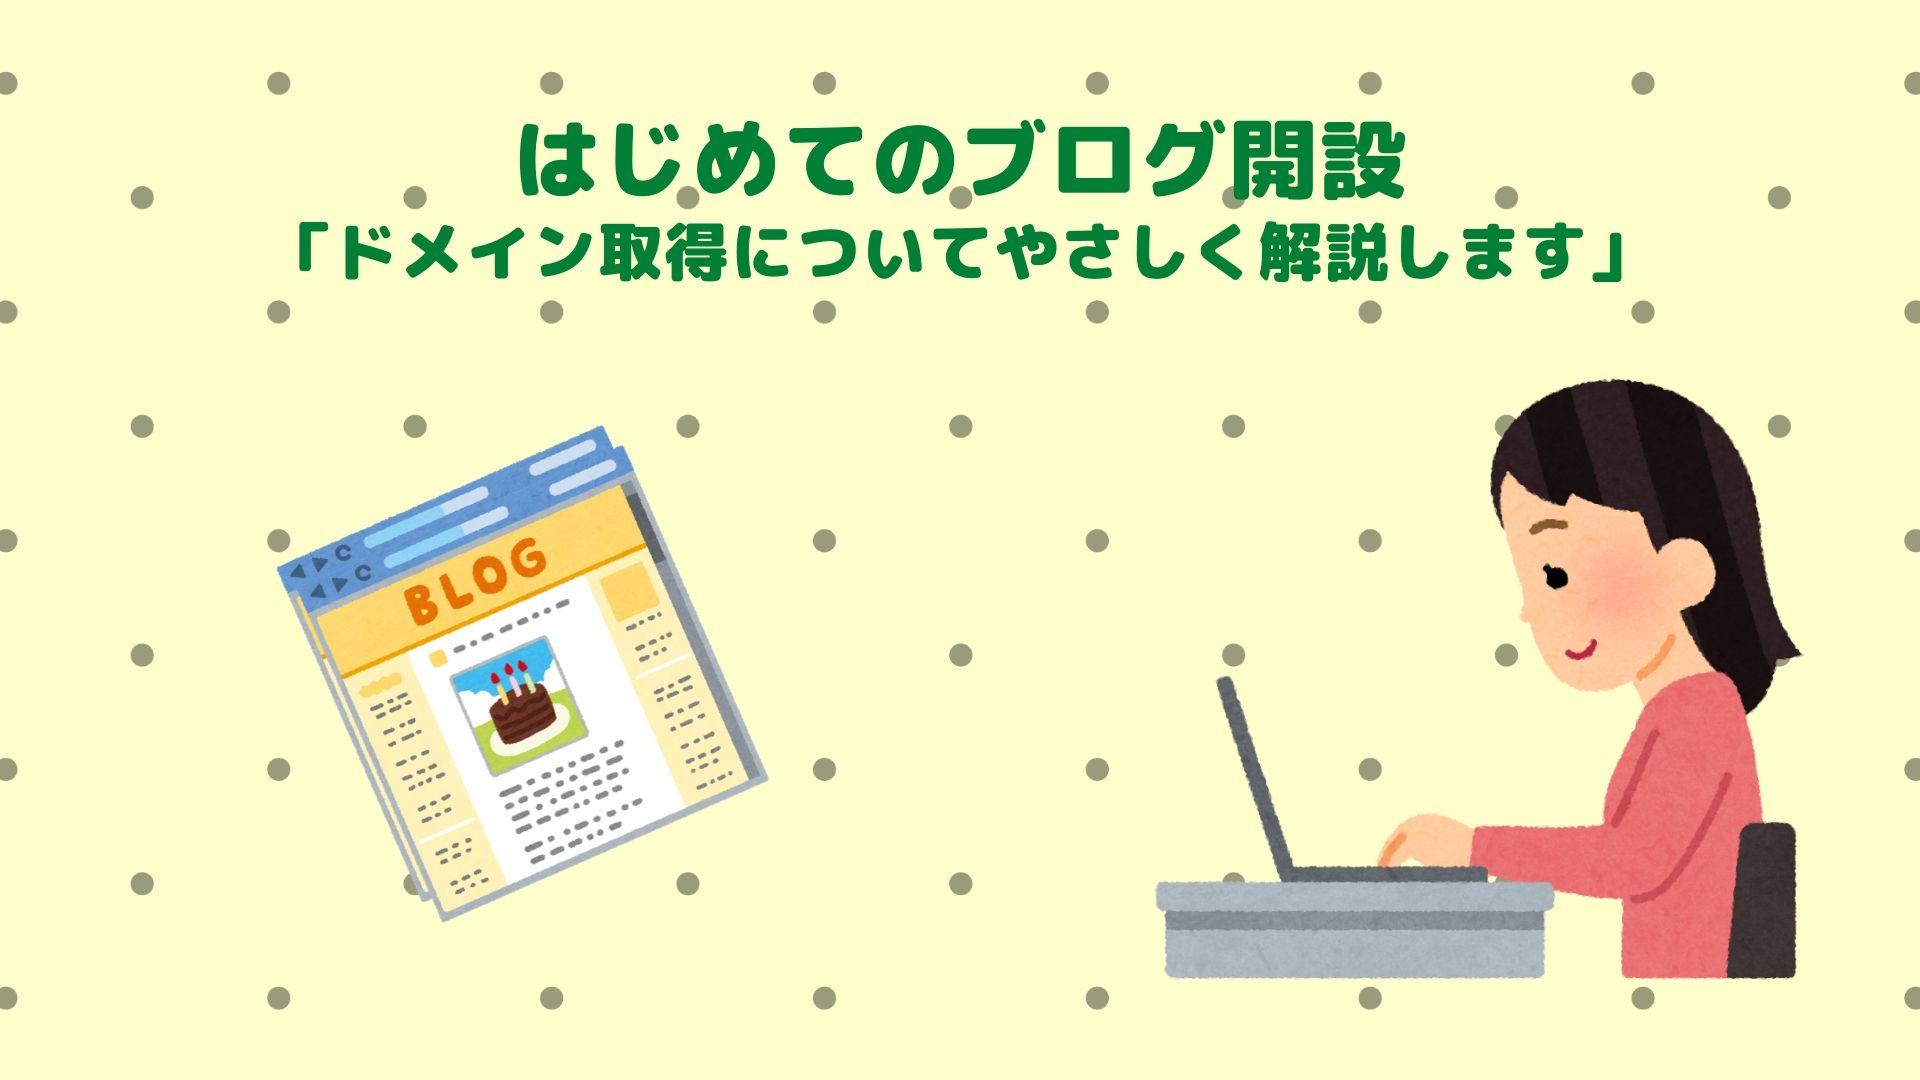 <東証>さくらネットが反落 ビットコイン大幅安で: 日本経済新聞